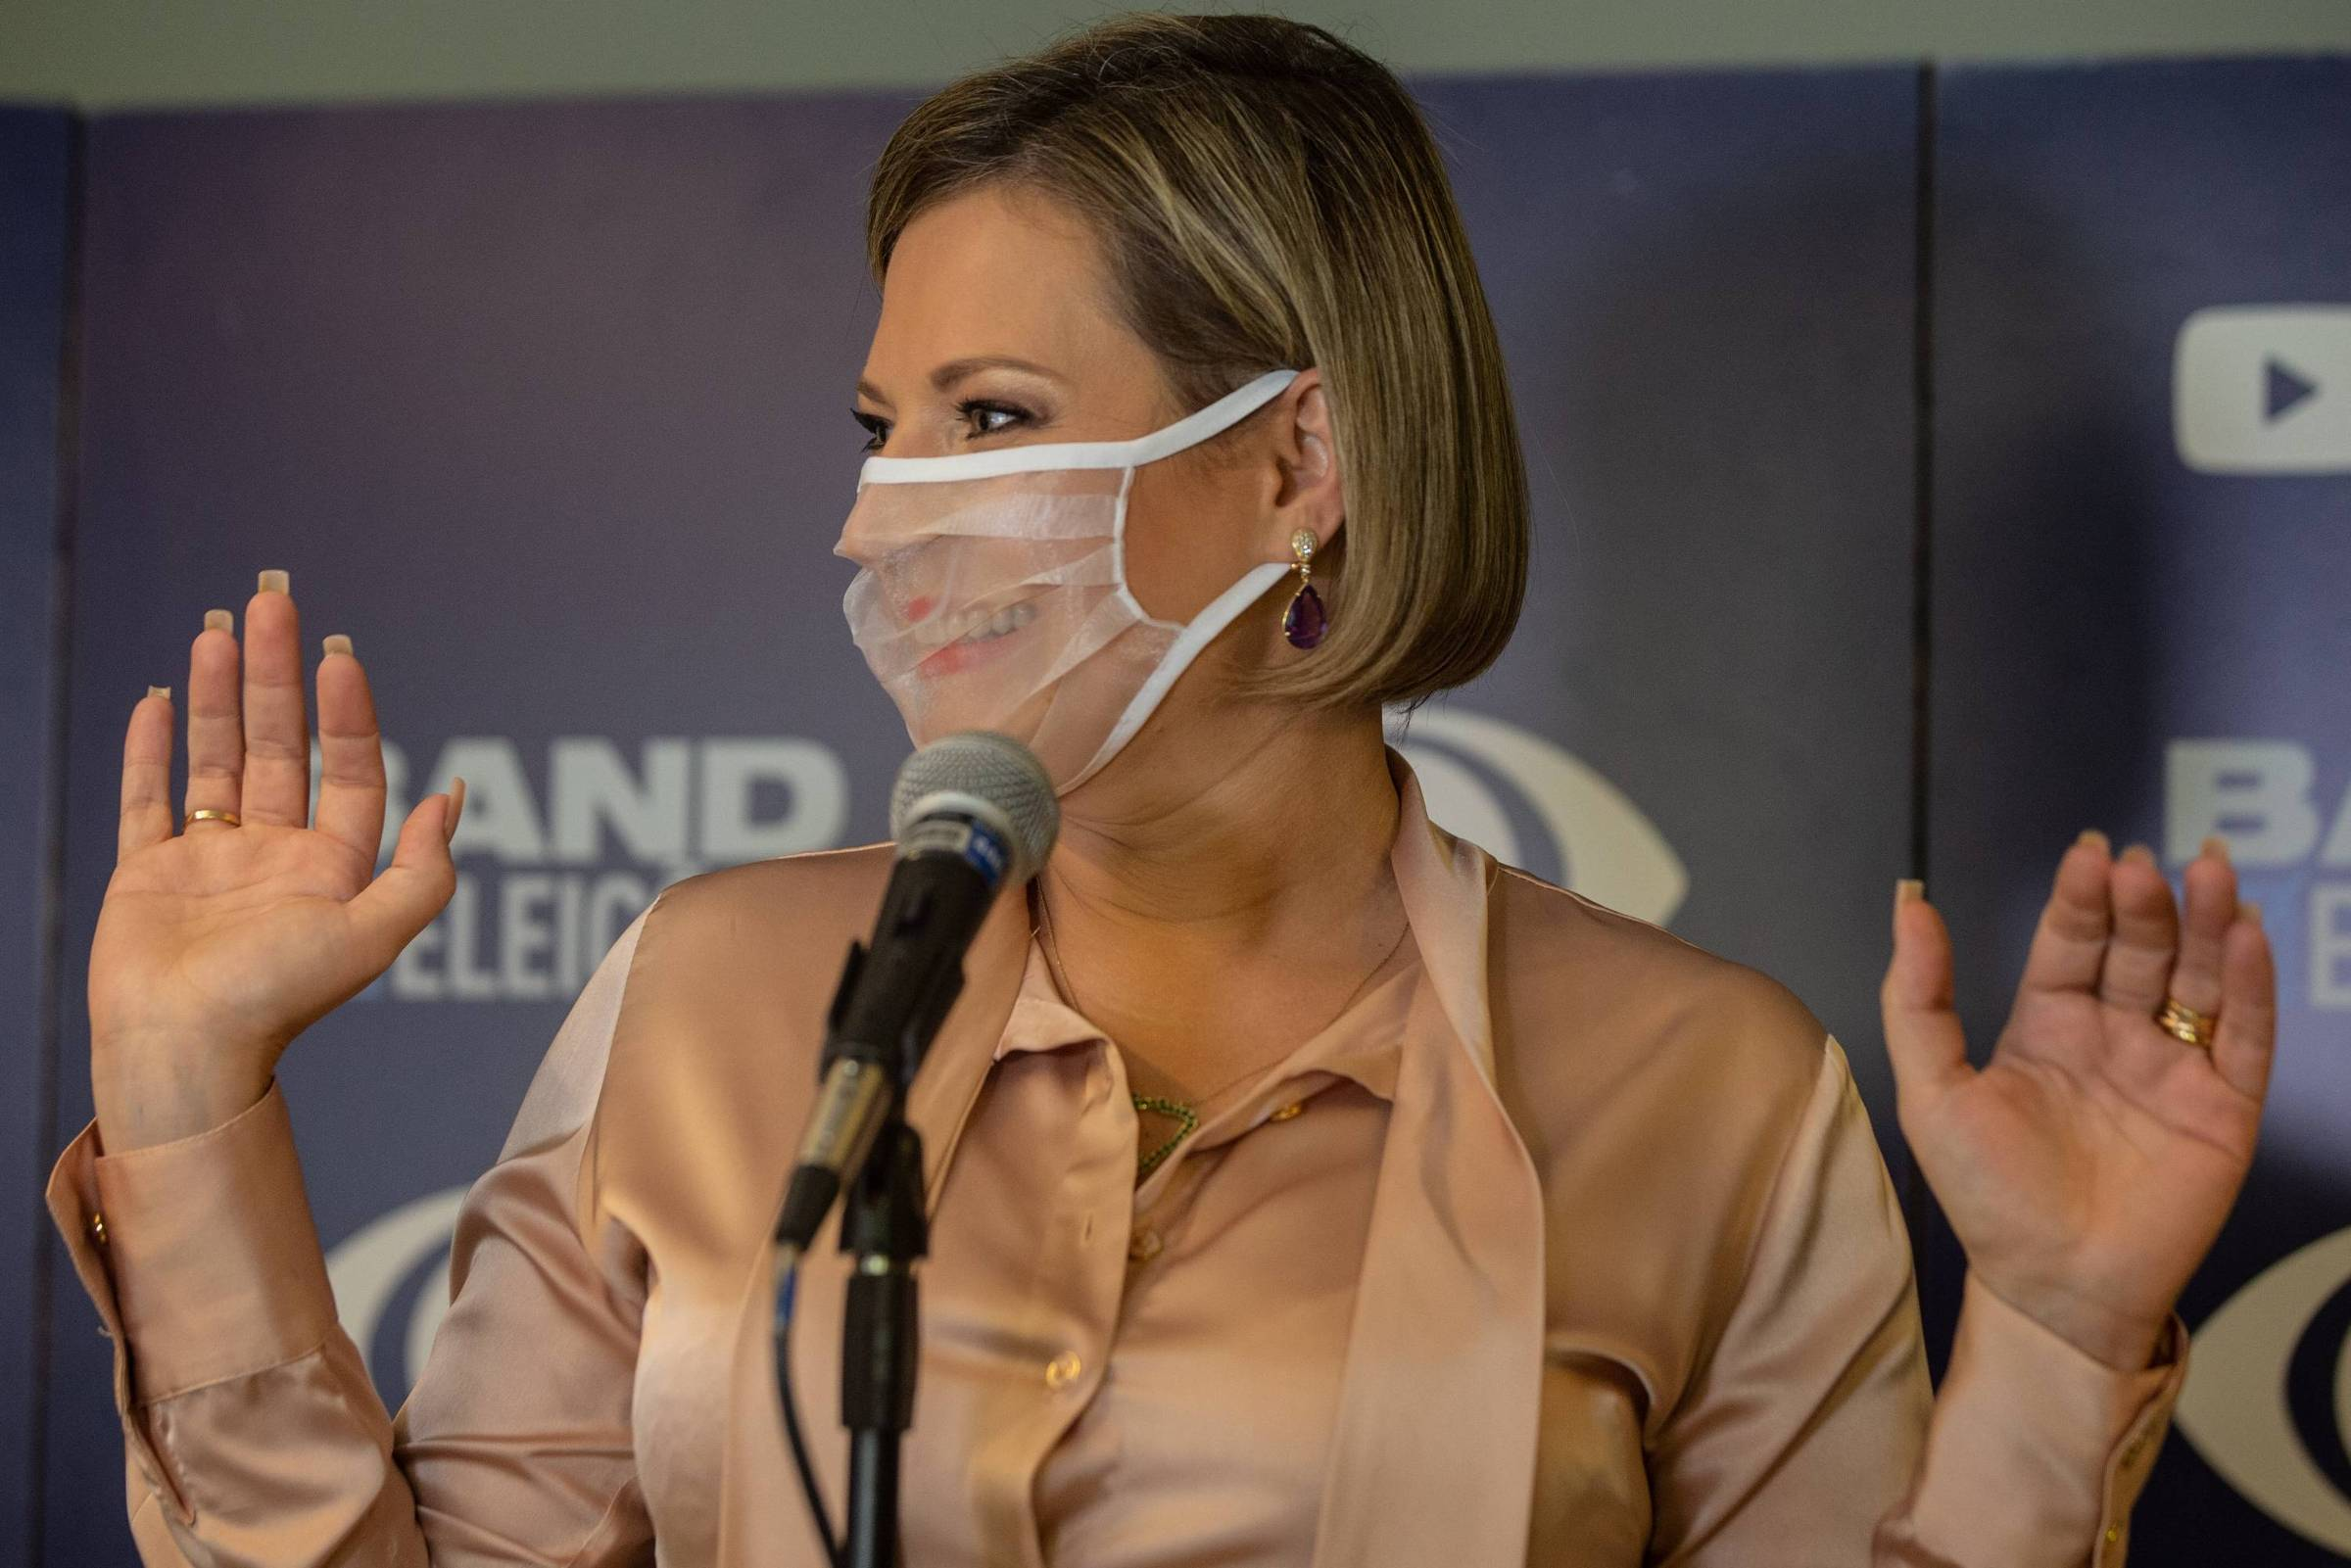 STJ determina que Joice Hasselmann pague R$ 40 mil a vice-governadora do PI por tê-la xingado de 'cretina', 'anta' e 'gentalha' - 24/11/2020 - Mônica Bergamo - Folha